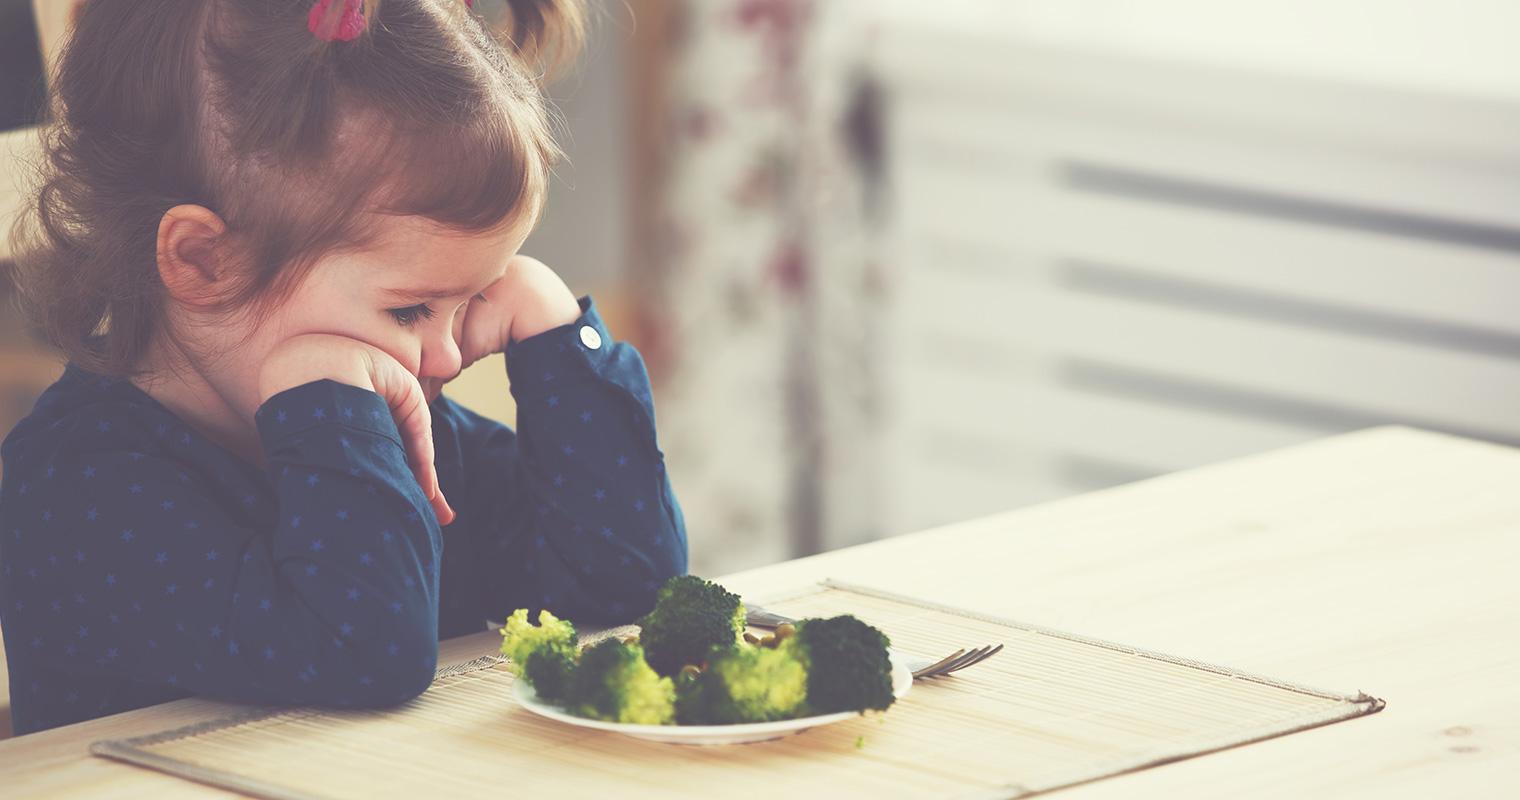 детская неофобия